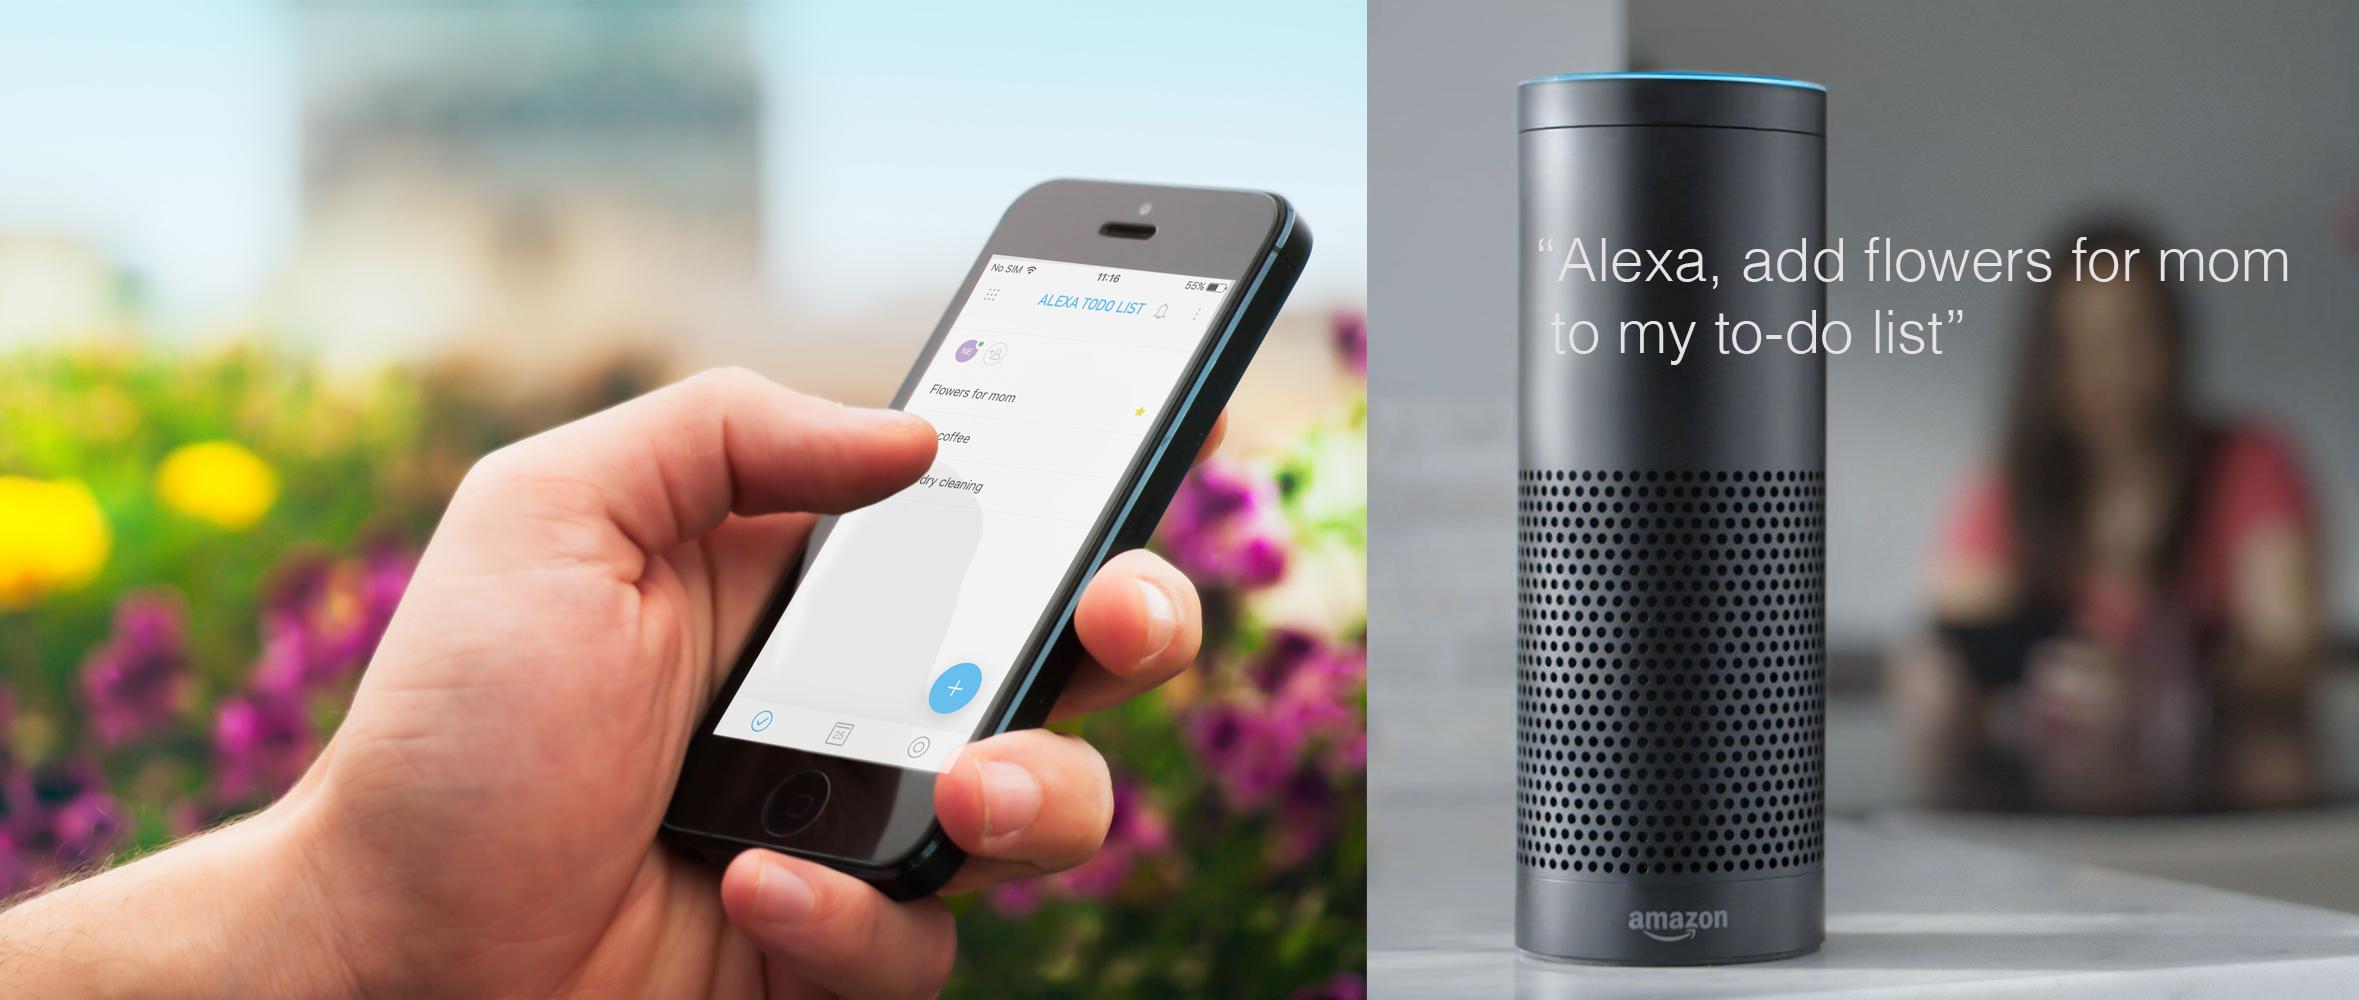 Any.do To-do list Alexa